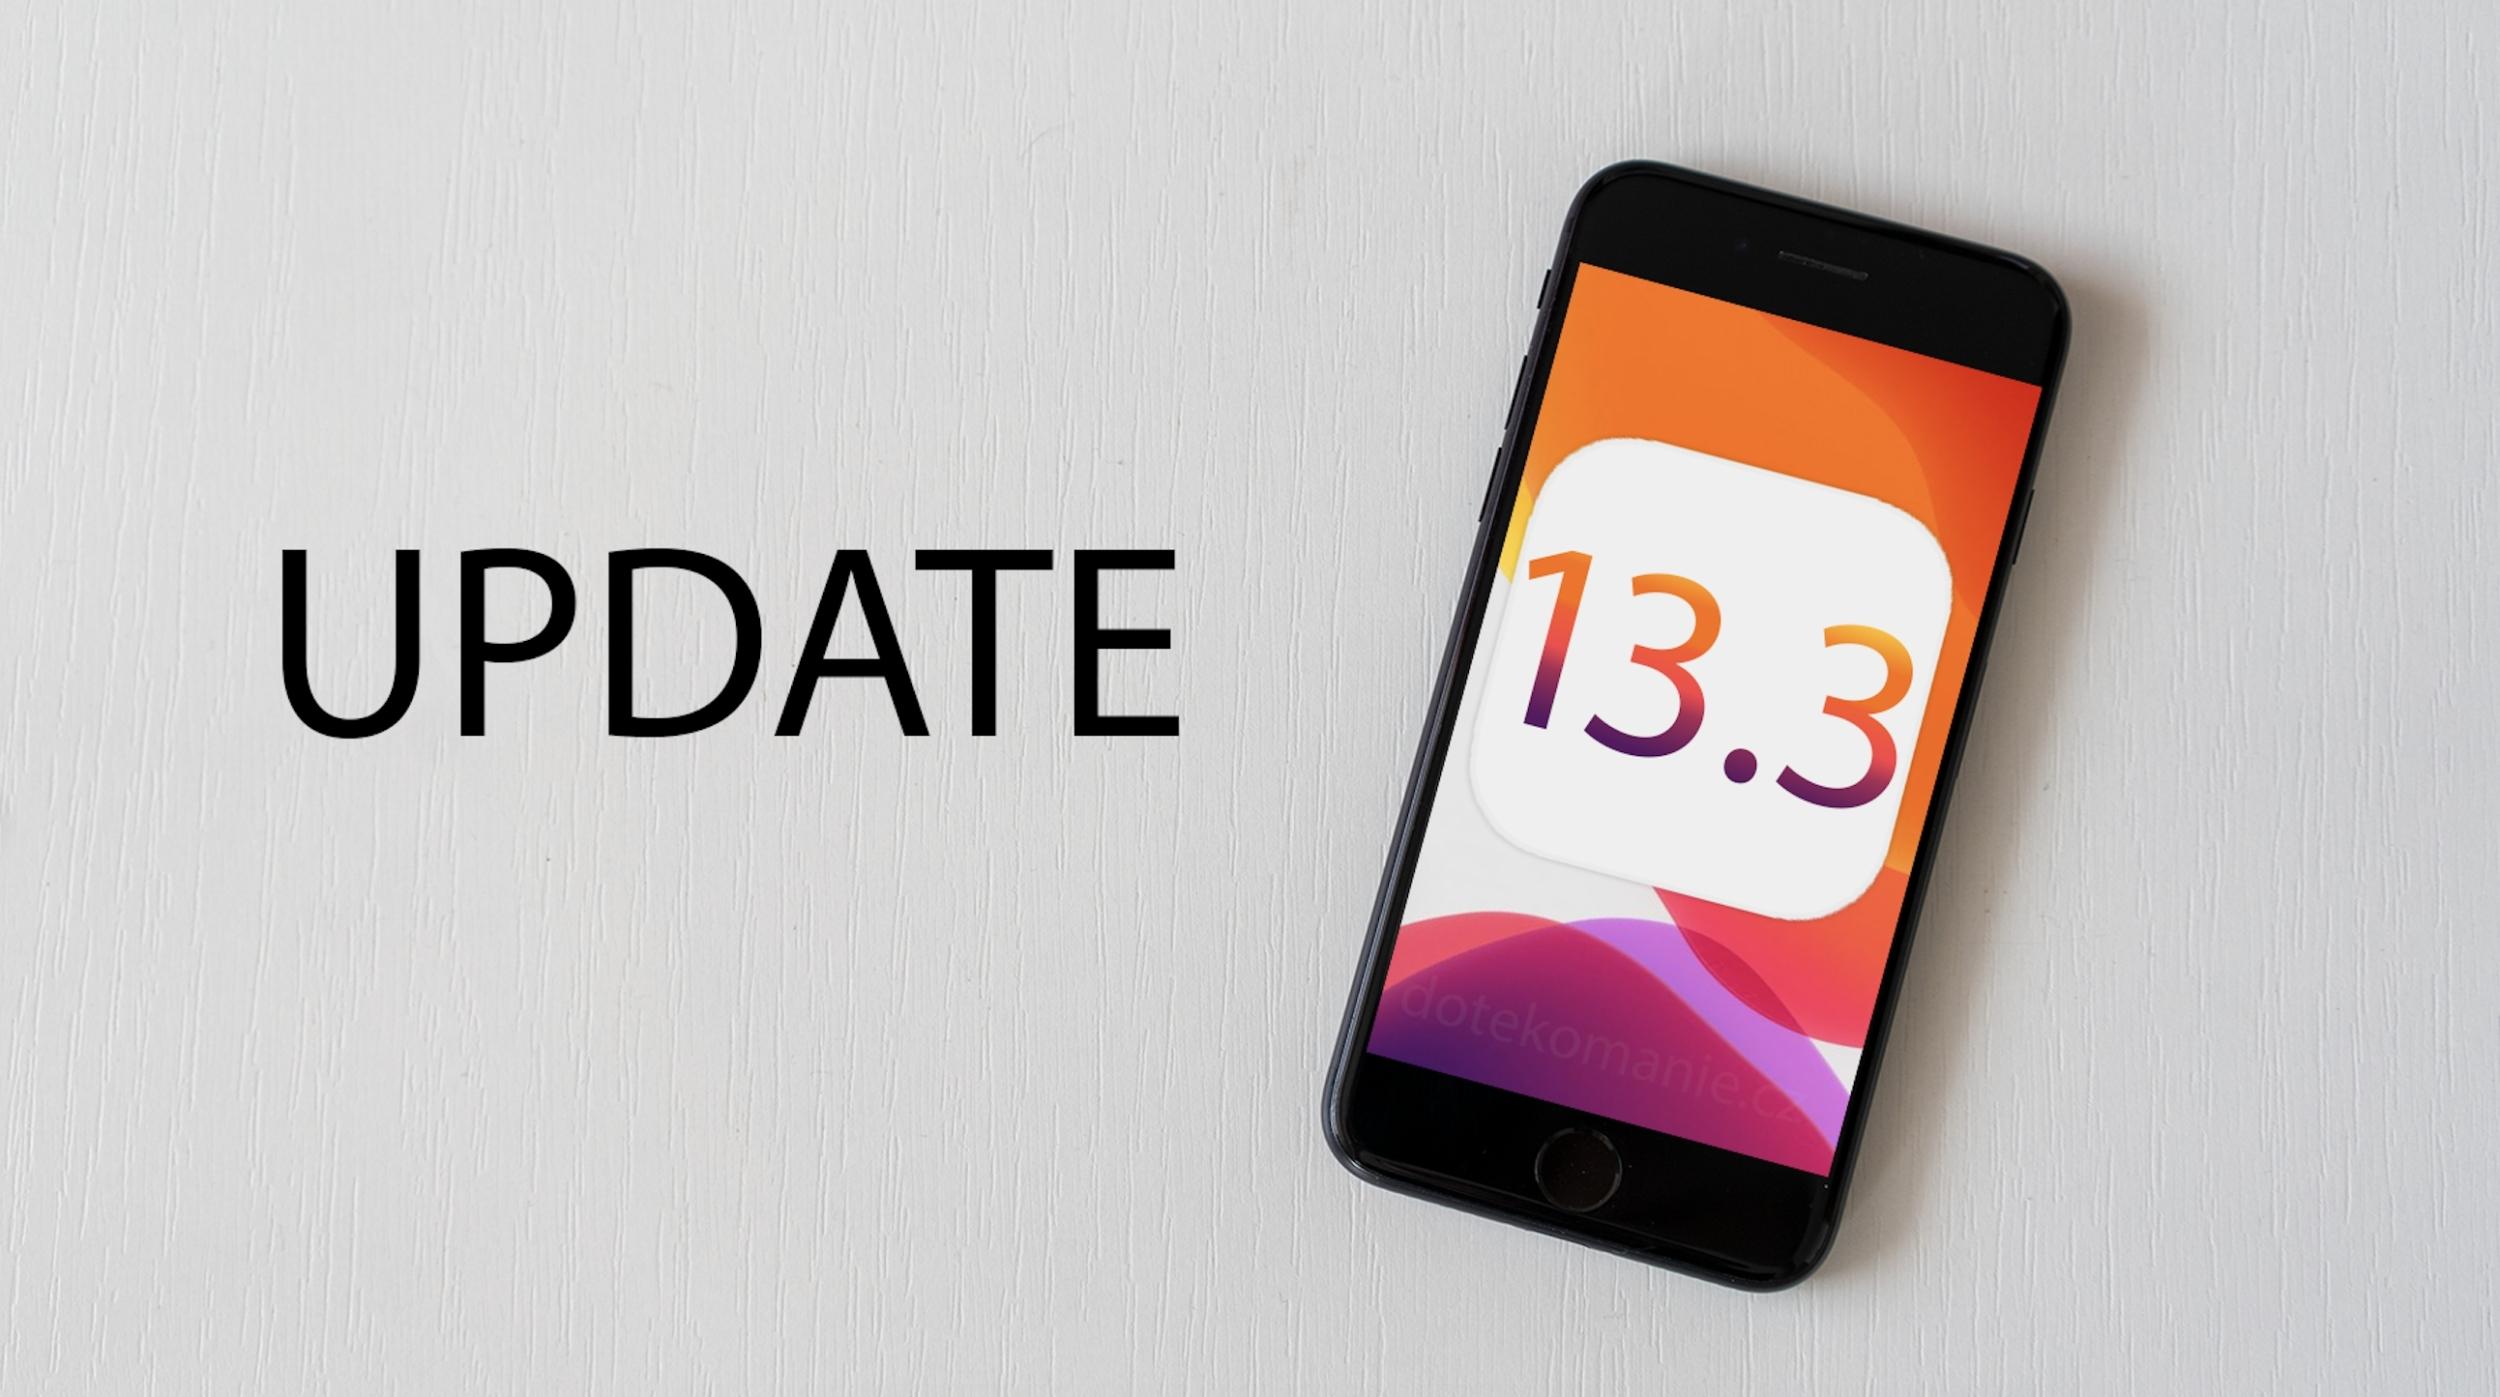 Apple vydal iOS 13.3, které přináší řadu novinek